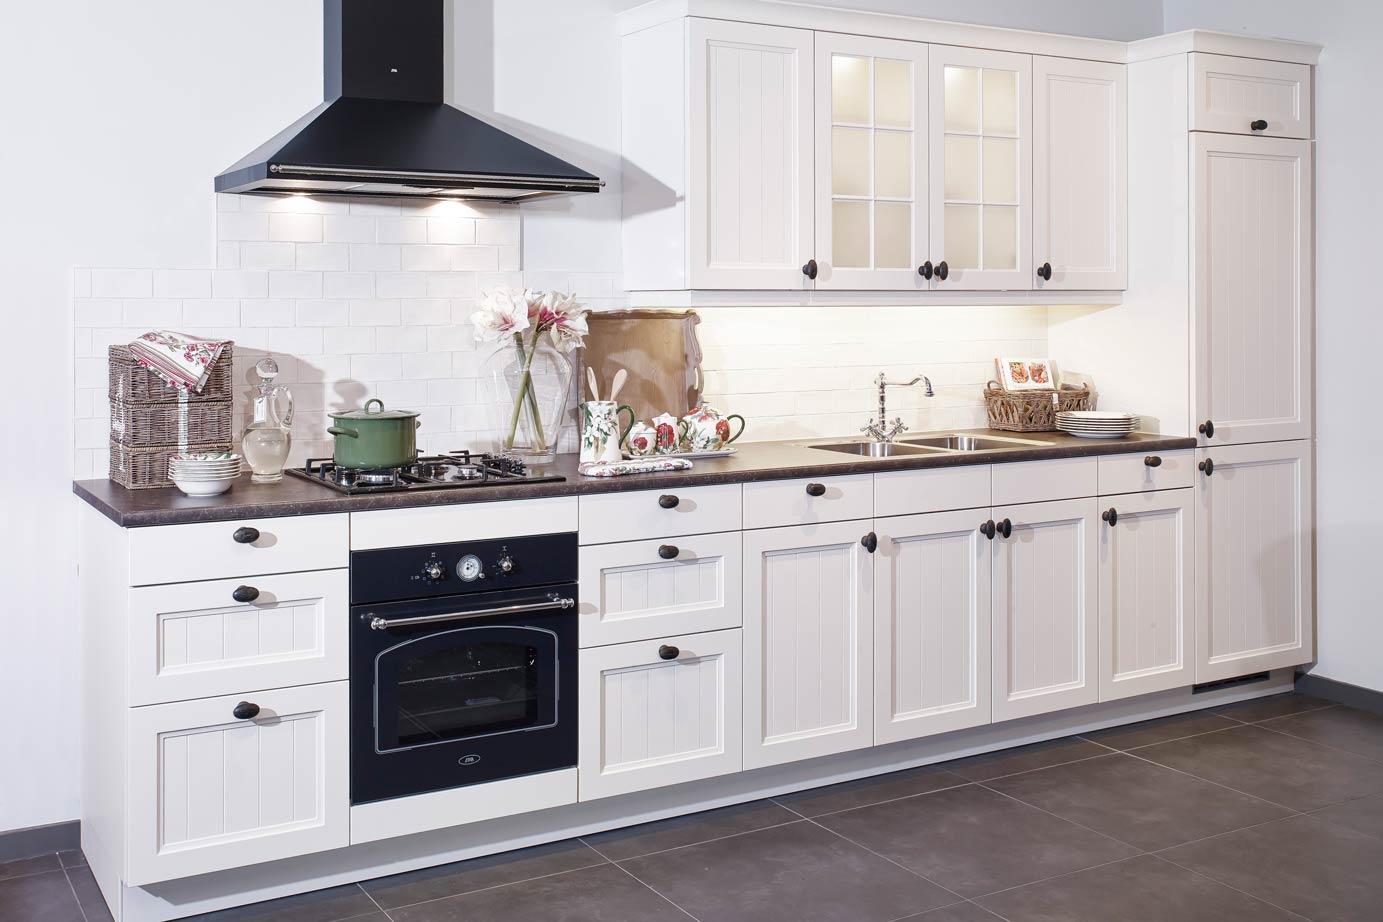 Goedkope Keuken Kopen : Goedkope keuken kopen goedkoop is bij ons geen miskoop arma